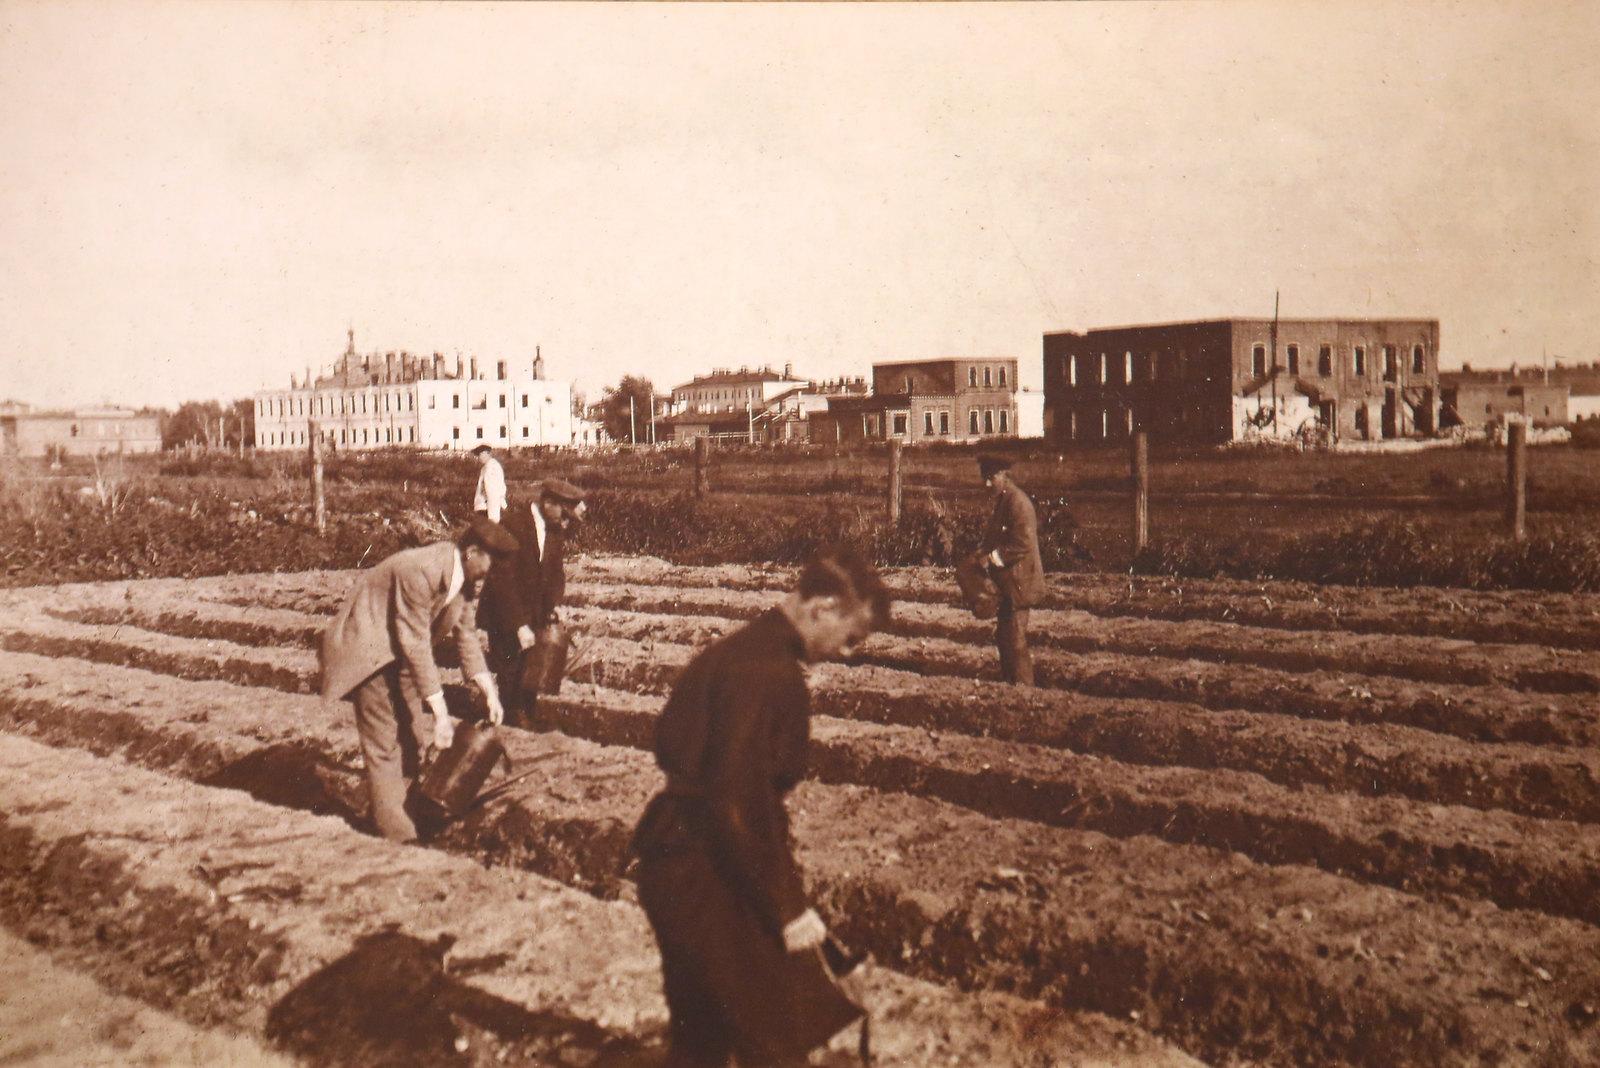 34. Служащие Губкомгособора на огородах, разбитых на месте разрушенных кварталов. 1920